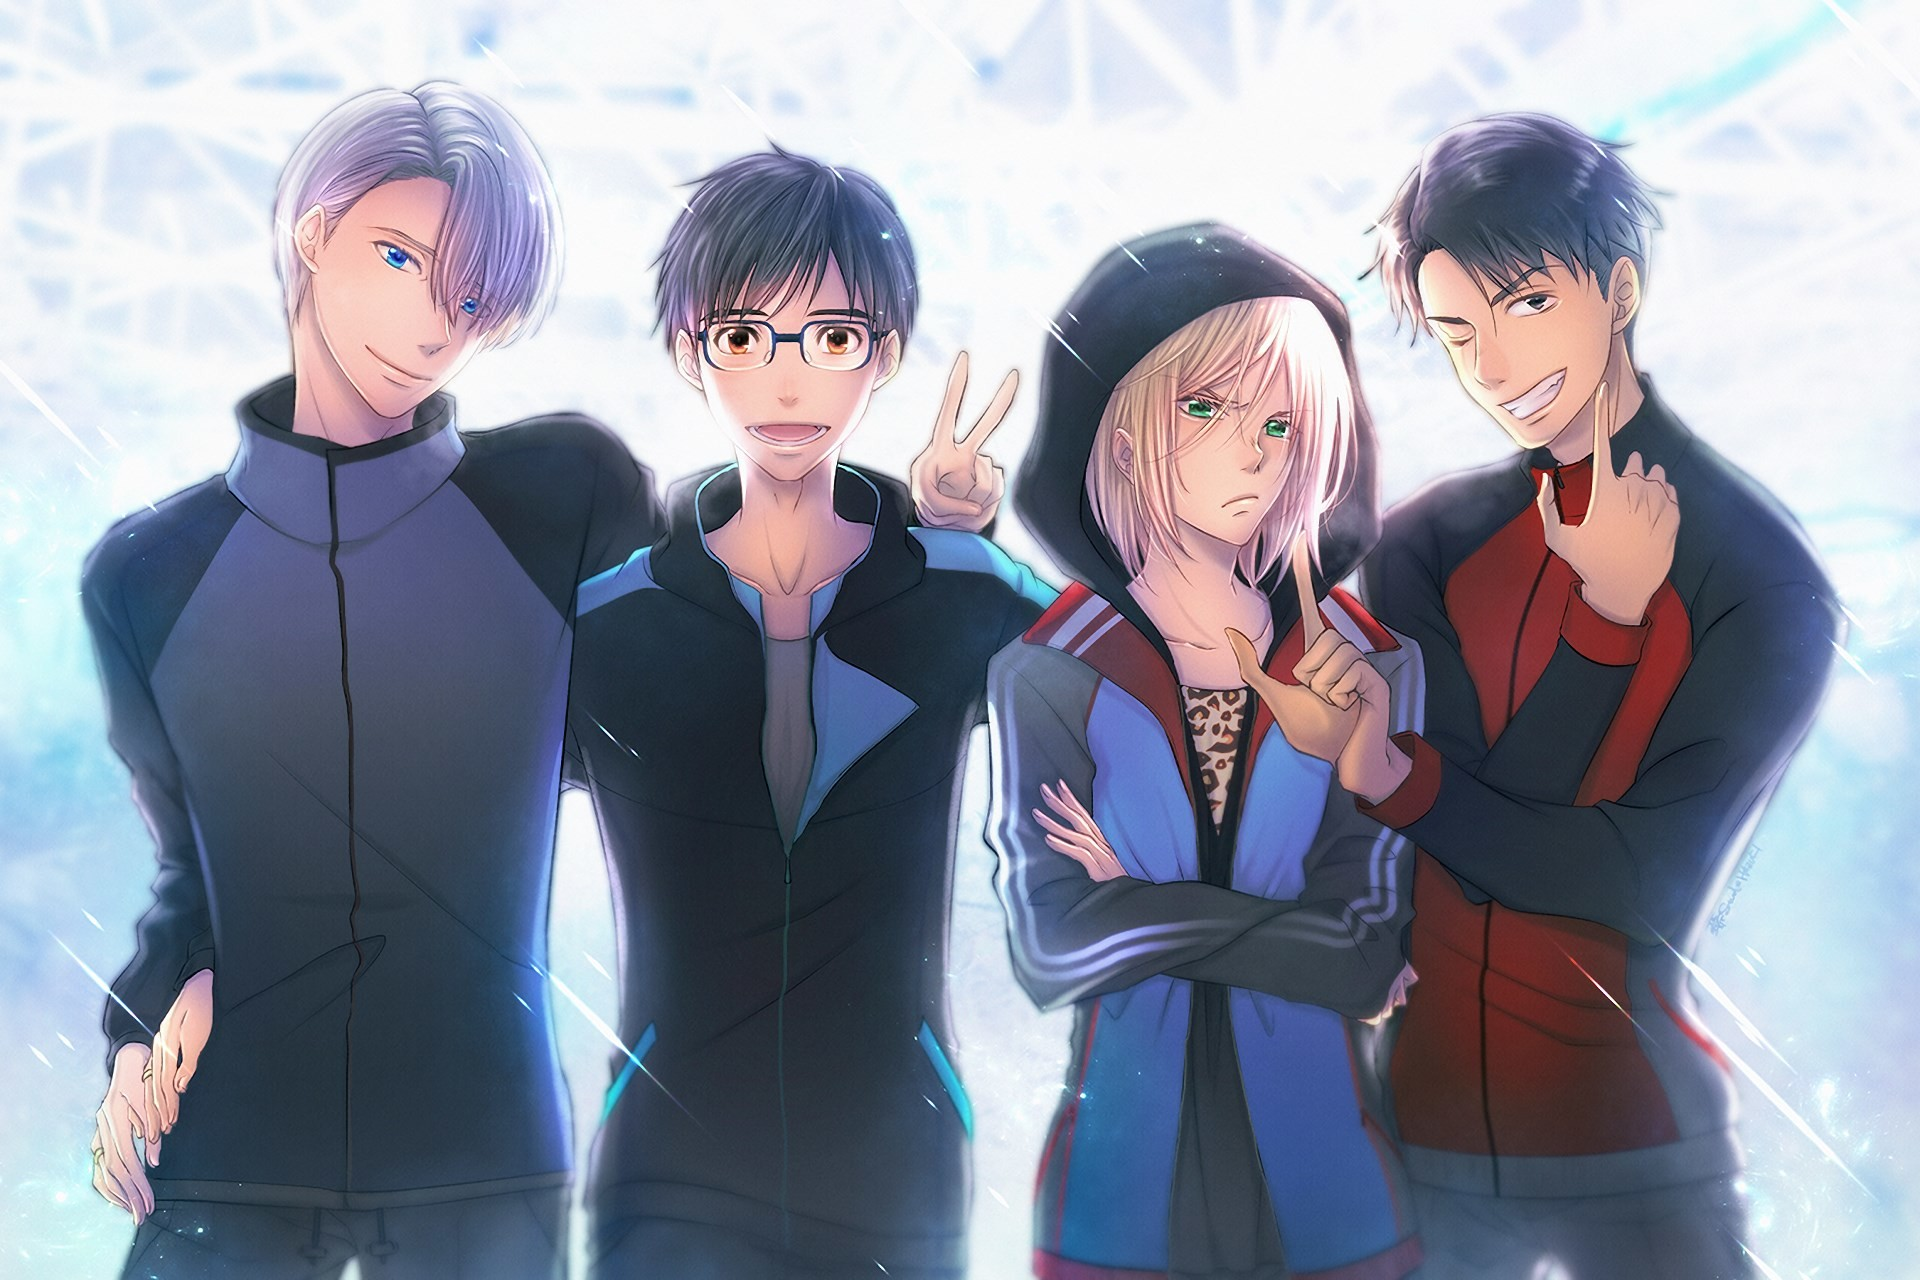 Resultado de imagen para yuri on ice wallpaper   Yuri on Ice   Pinterest    Anime